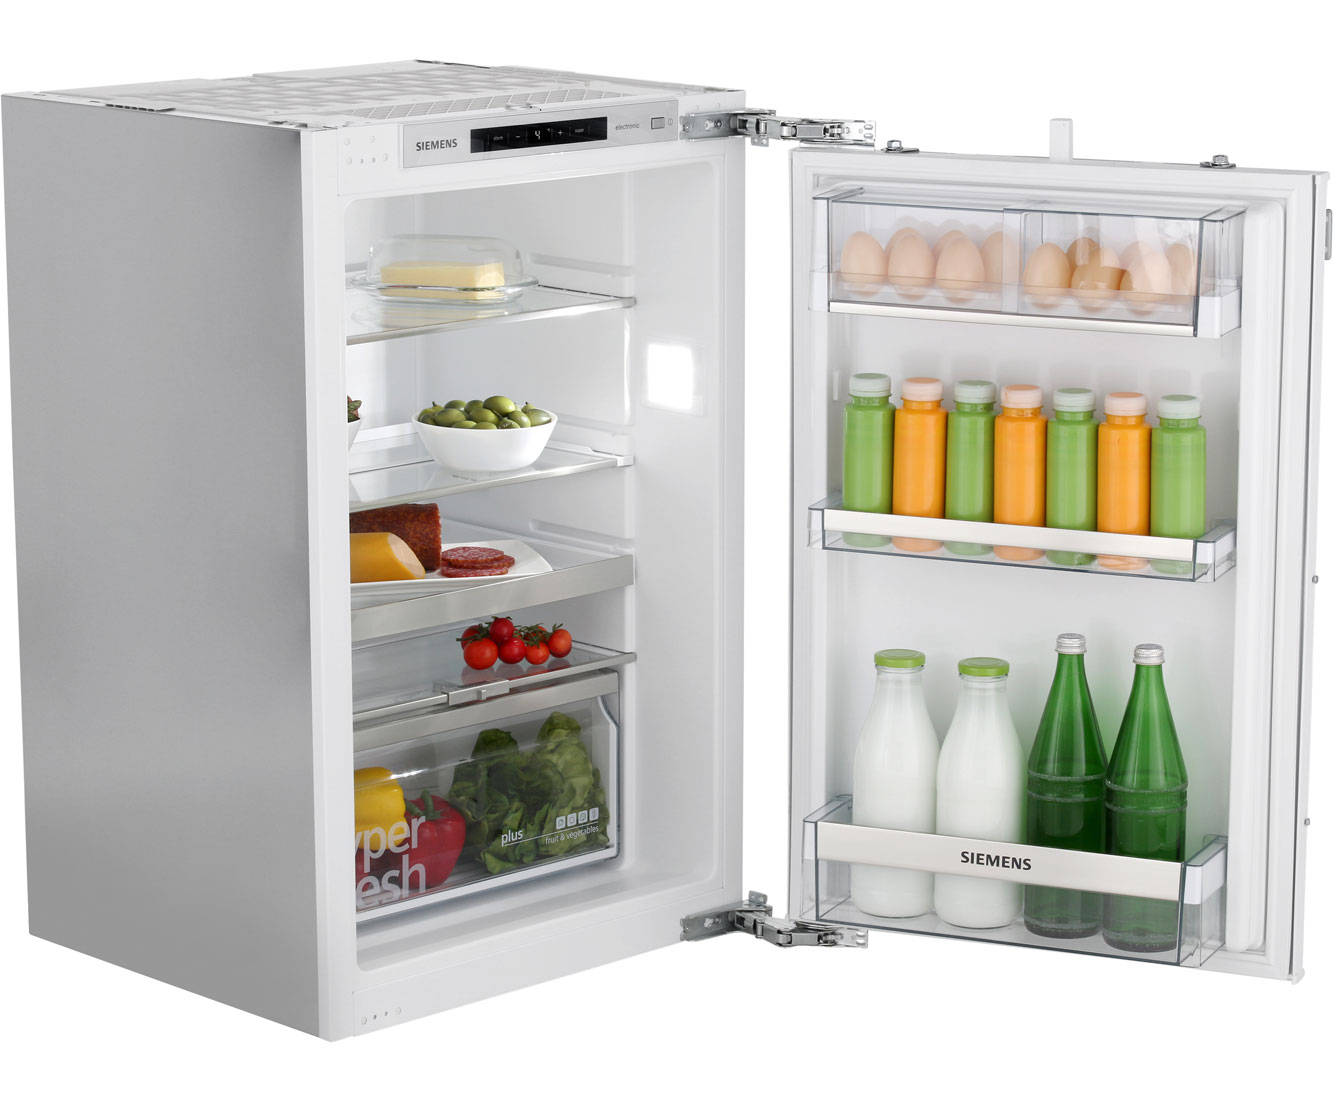 Kleiner Kühlschrank Siemens : Siemens ki rad kühlschrank eingebaut cm weiß neu ebay